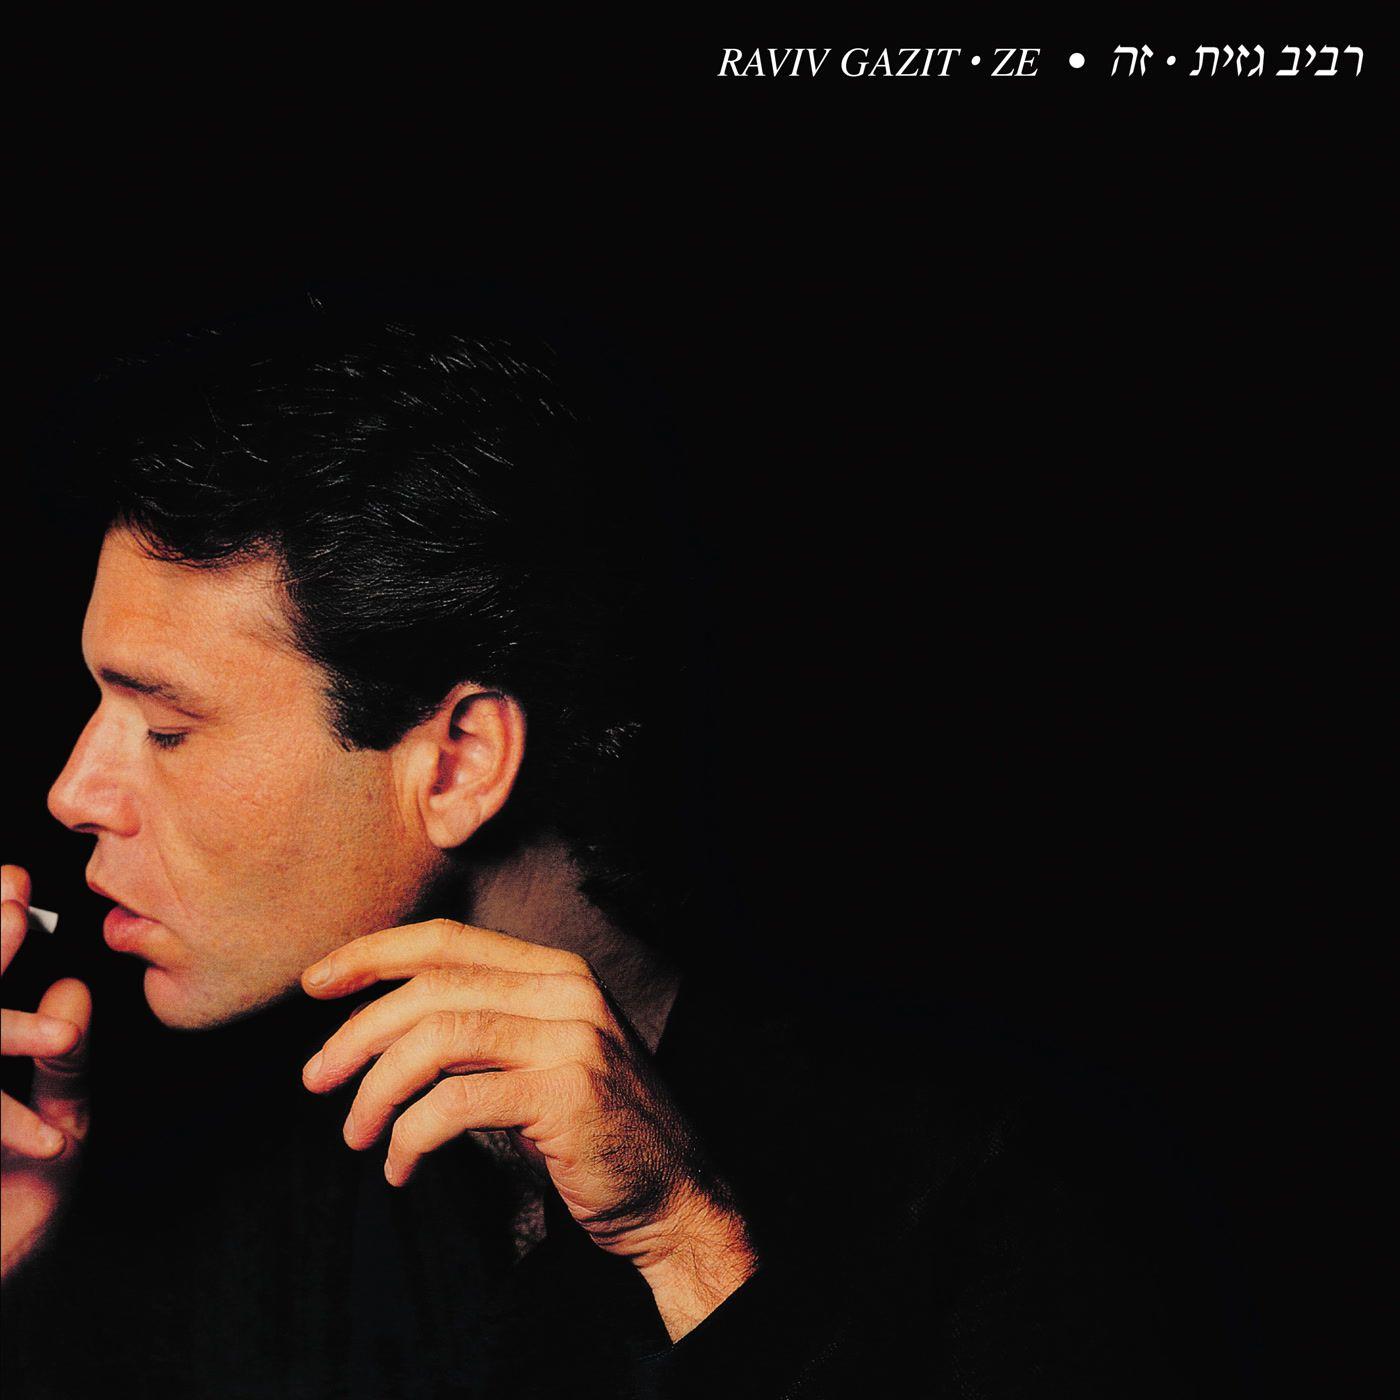 Raviv Gazit - Ze